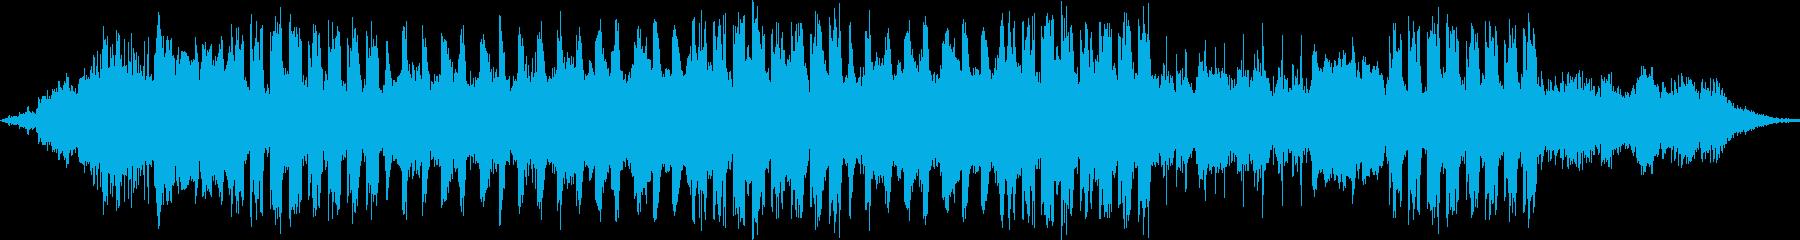 インストゥルメンタル、ダーク、ミス...の再生済みの波形